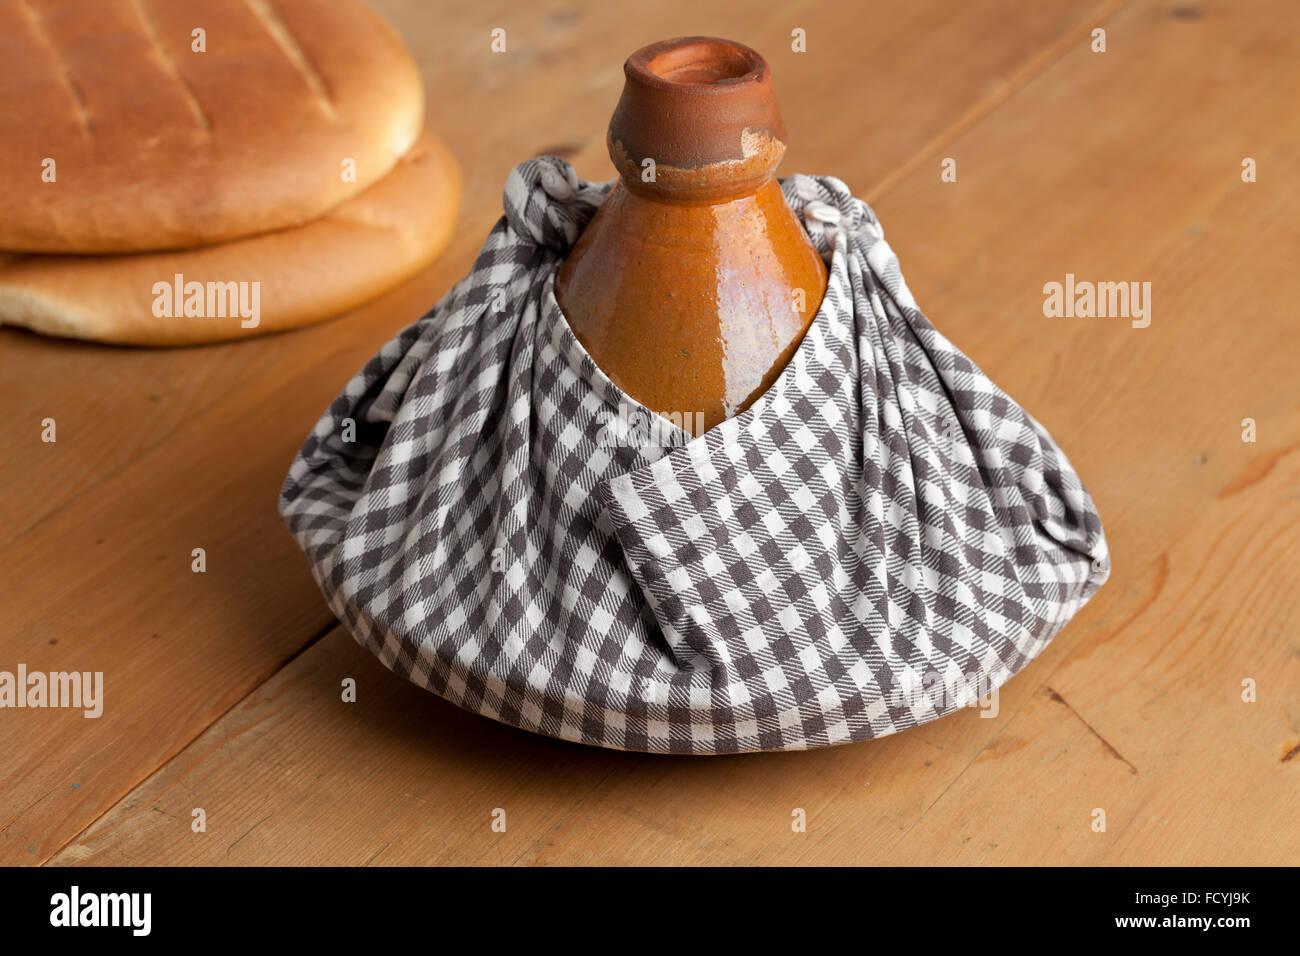 Traditionelle marokkanische Tajine in ein Tuch gewickelt, als Geschenk und warm zu halten Stockbild